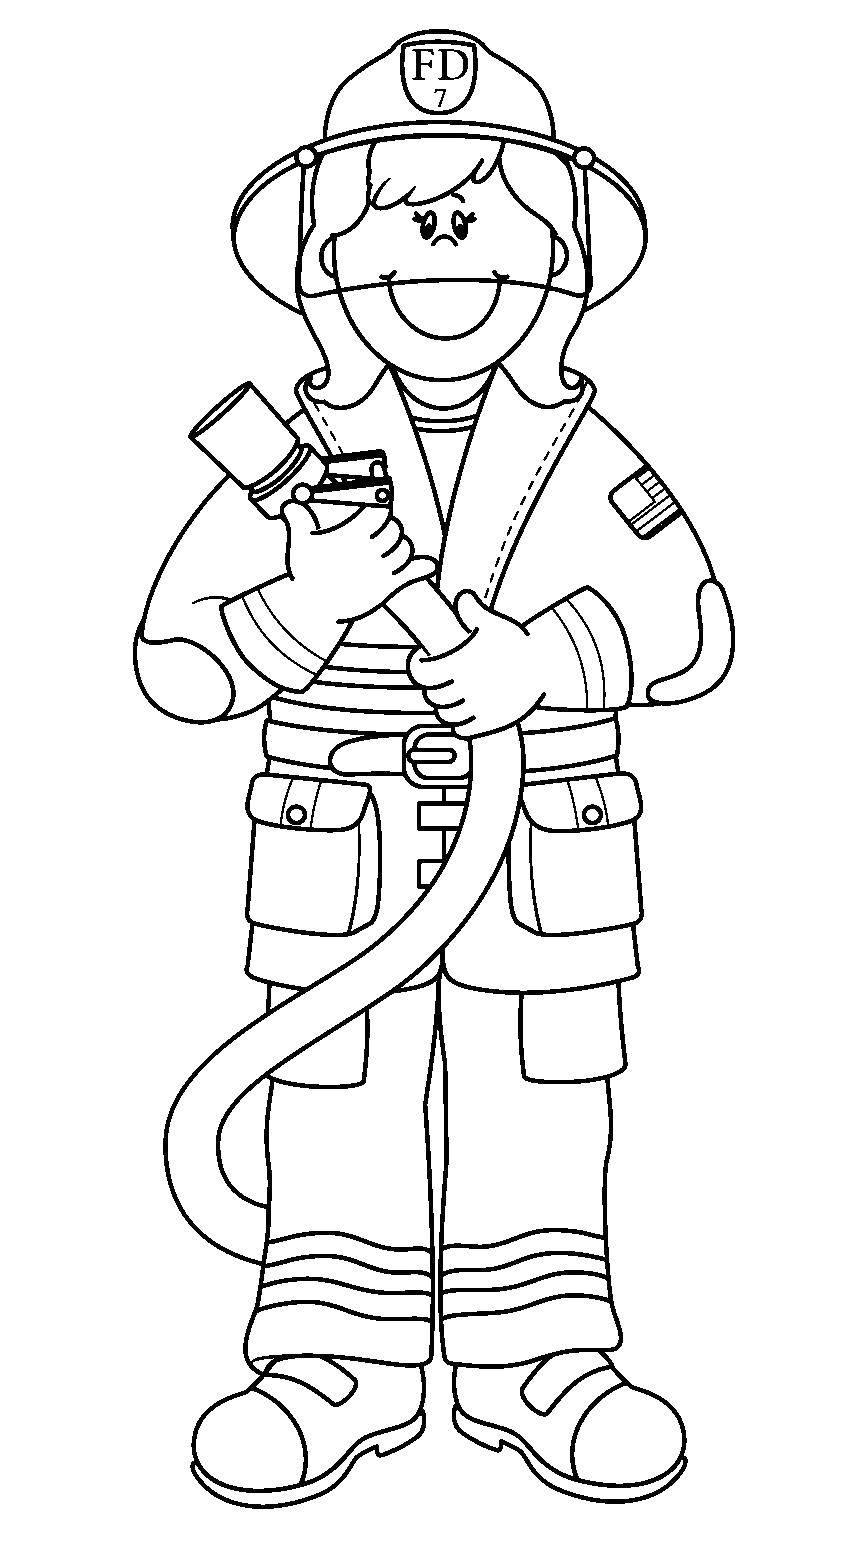 Раскраска на тему профессия пожарный